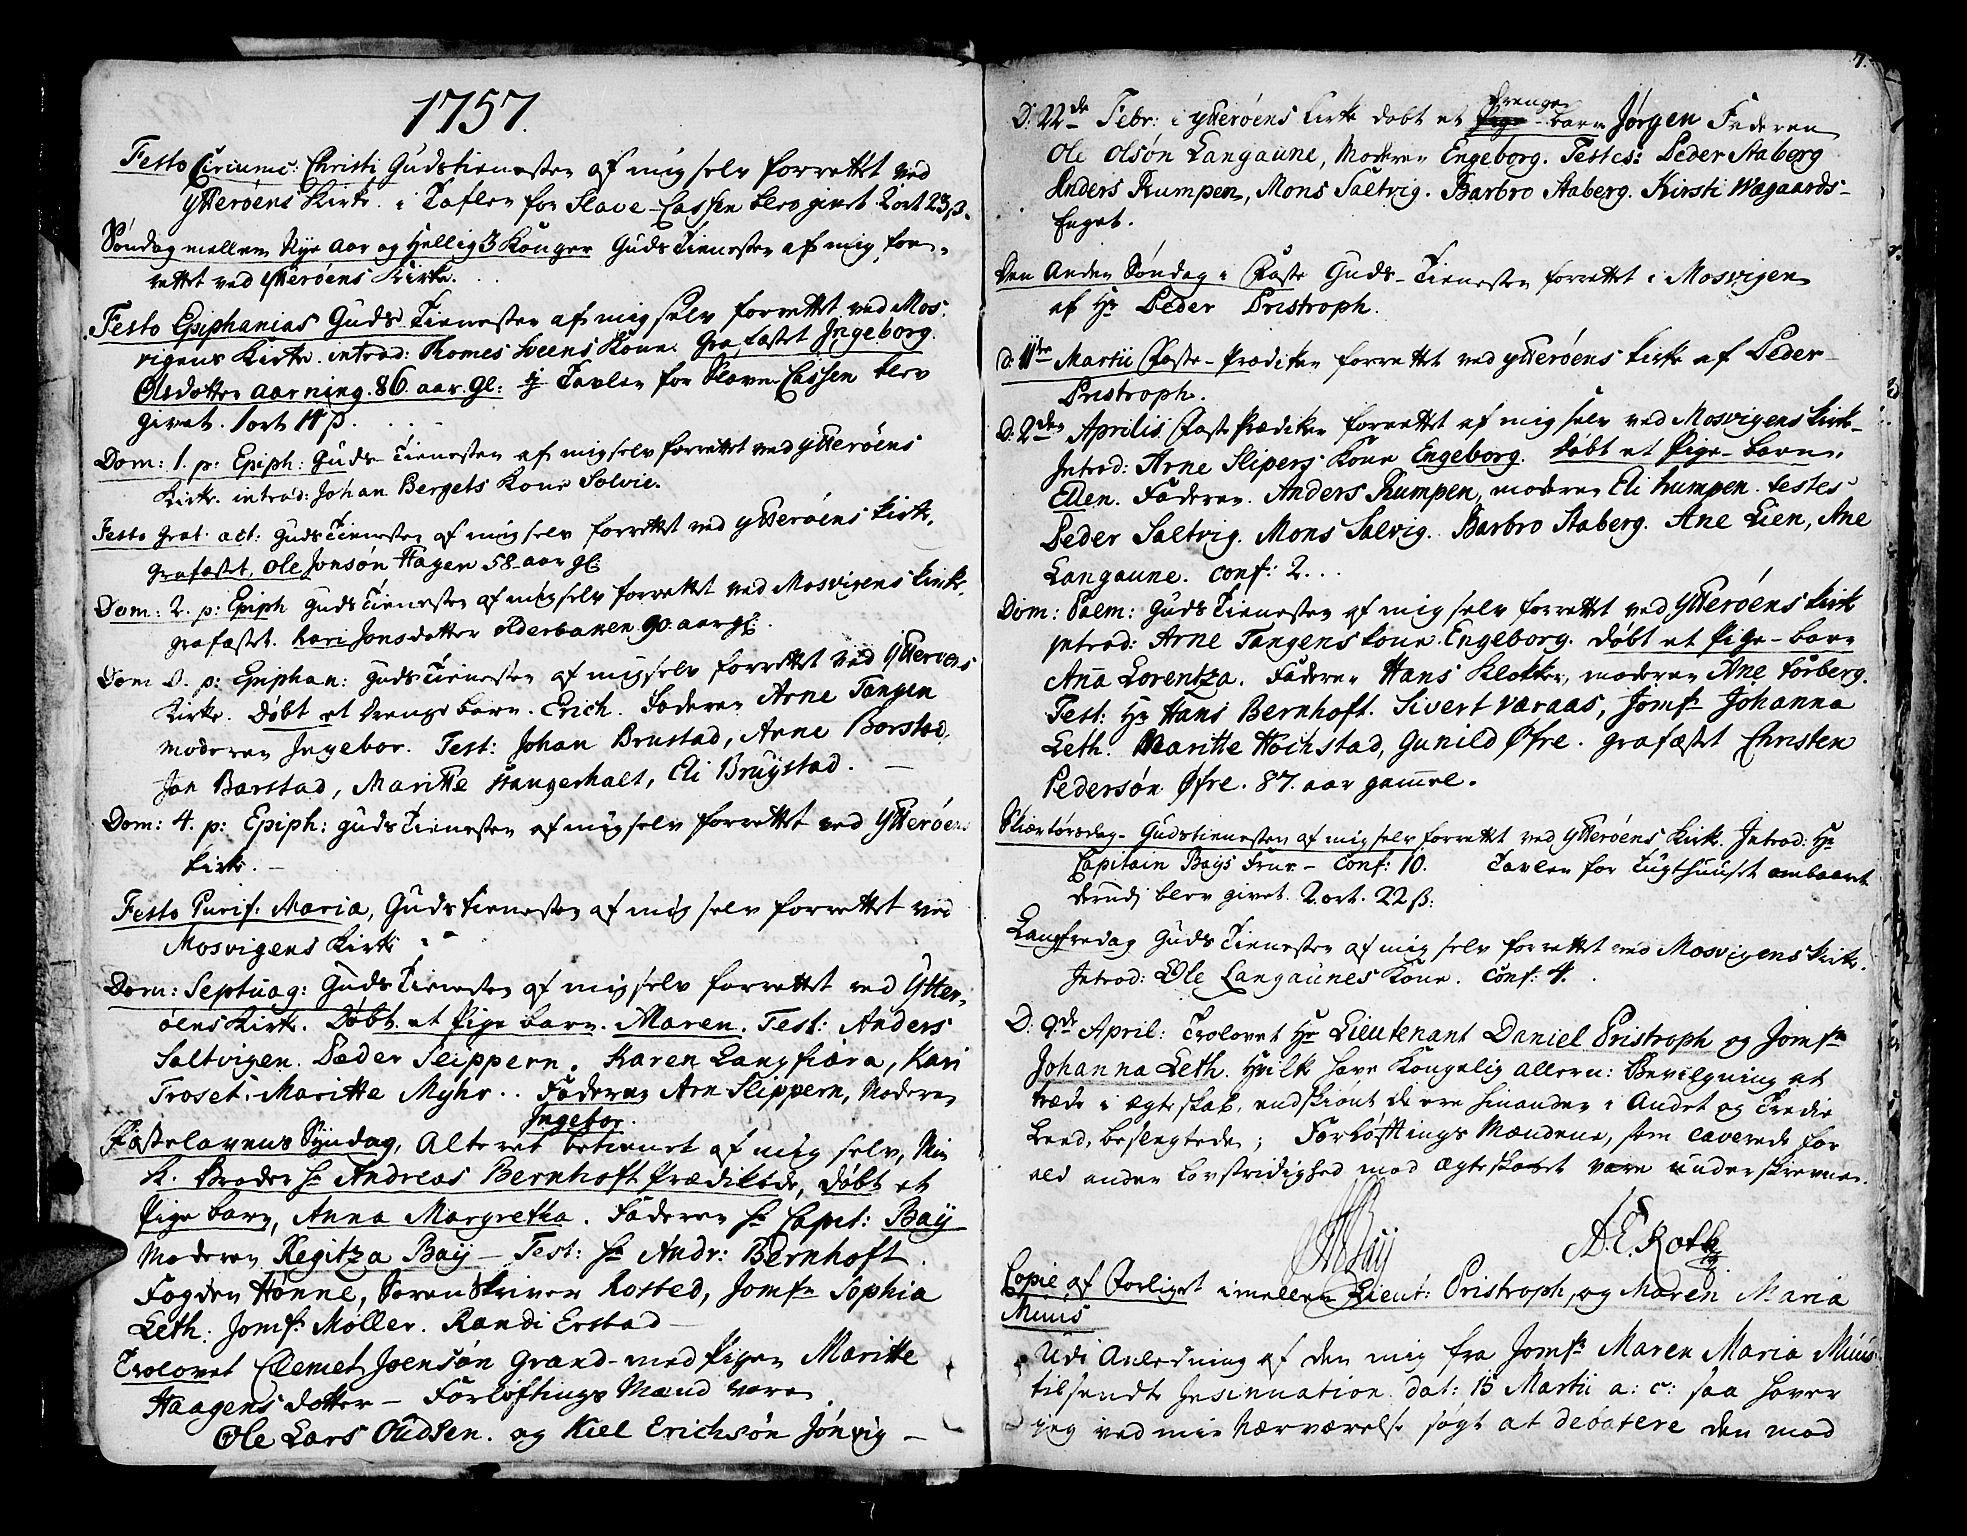 SAT, Ministerialprotokoller, klokkerbøker og fødselsregistre - Nord-Trøndelag, 722/L0216: Ministerialbok nr. 722A03, 1756-1816, s. 7